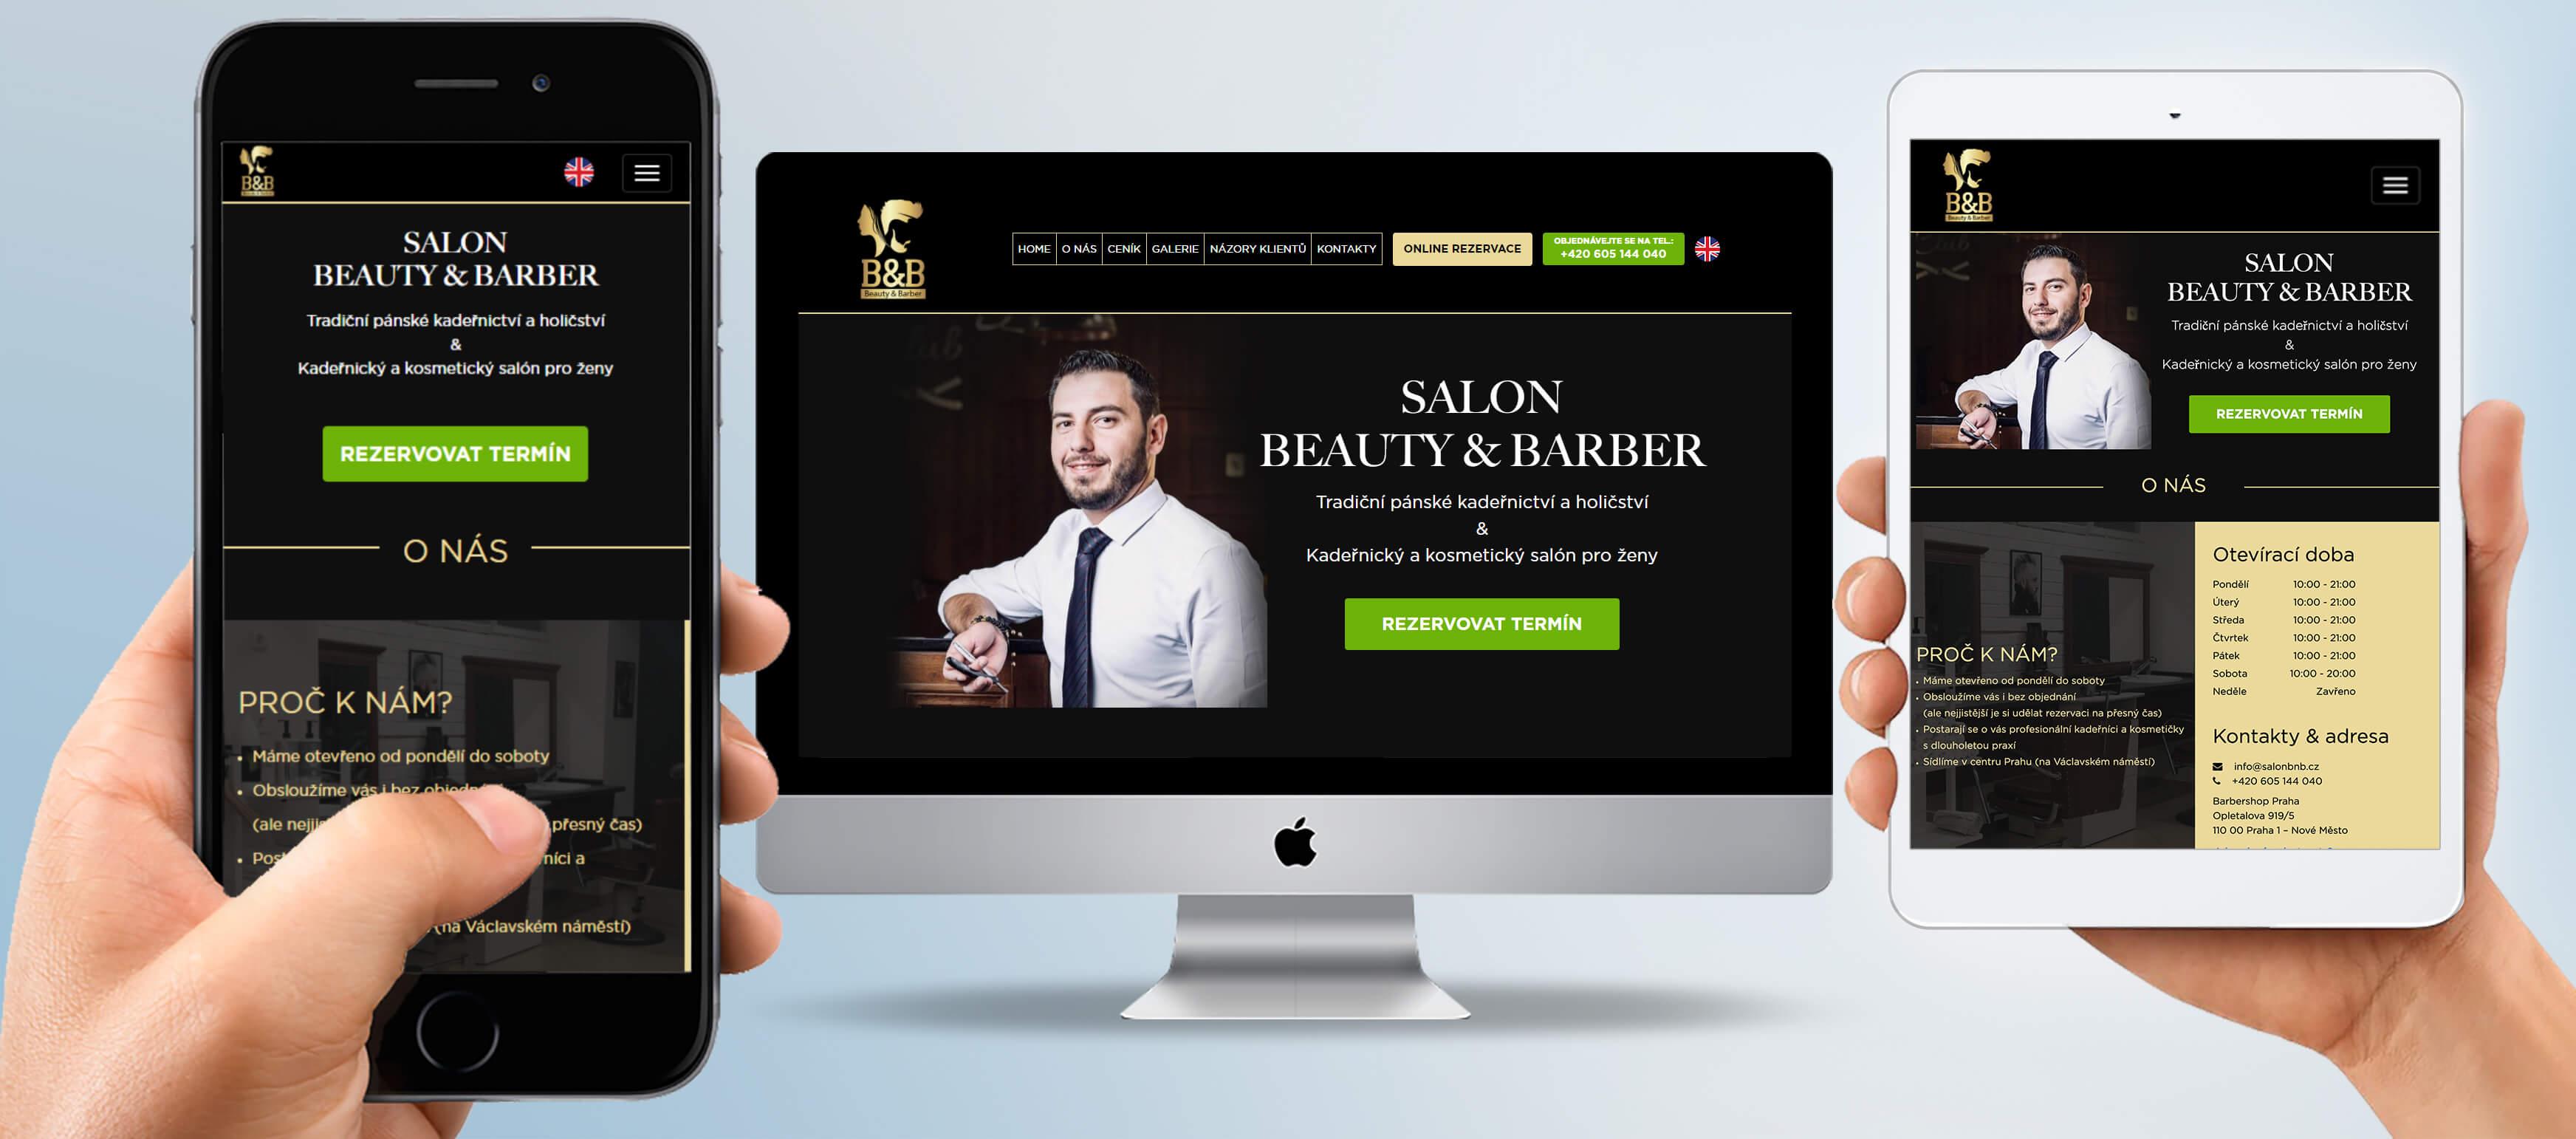 SalonBNB.cz - tvorba webových stránek pro kadeřnický salón